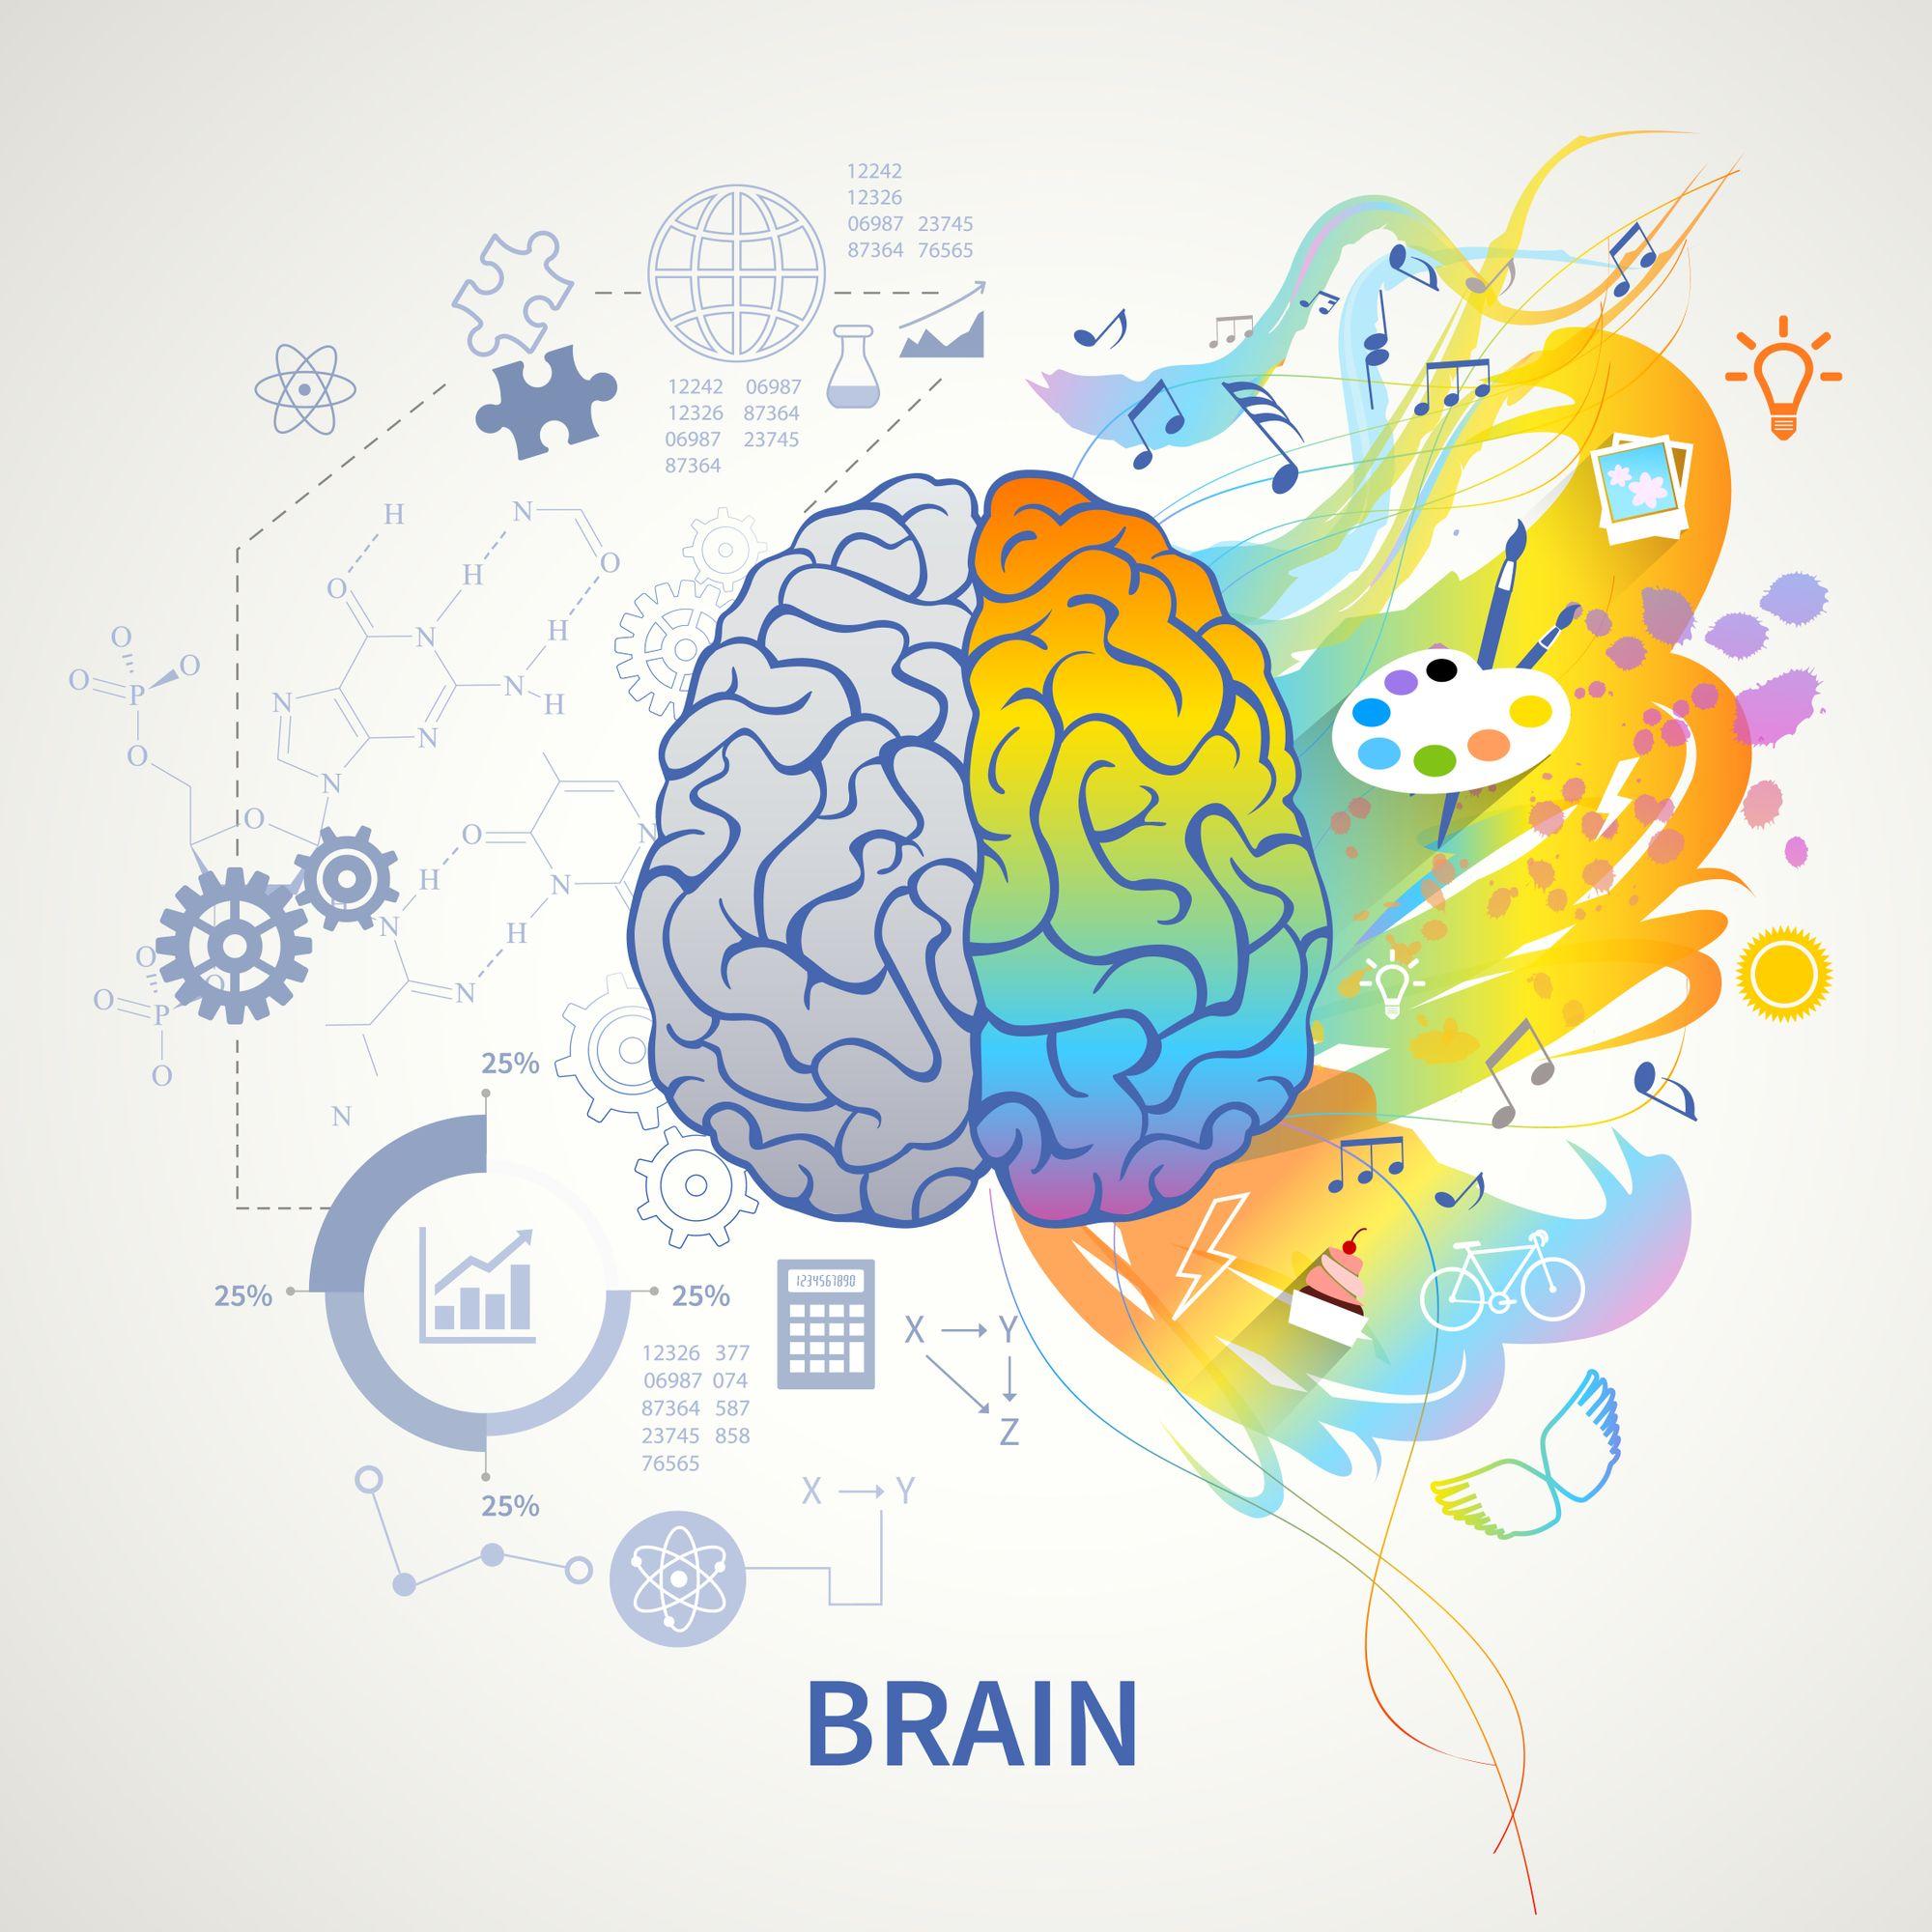 Gli emisferi cerebrali e le reti neurali